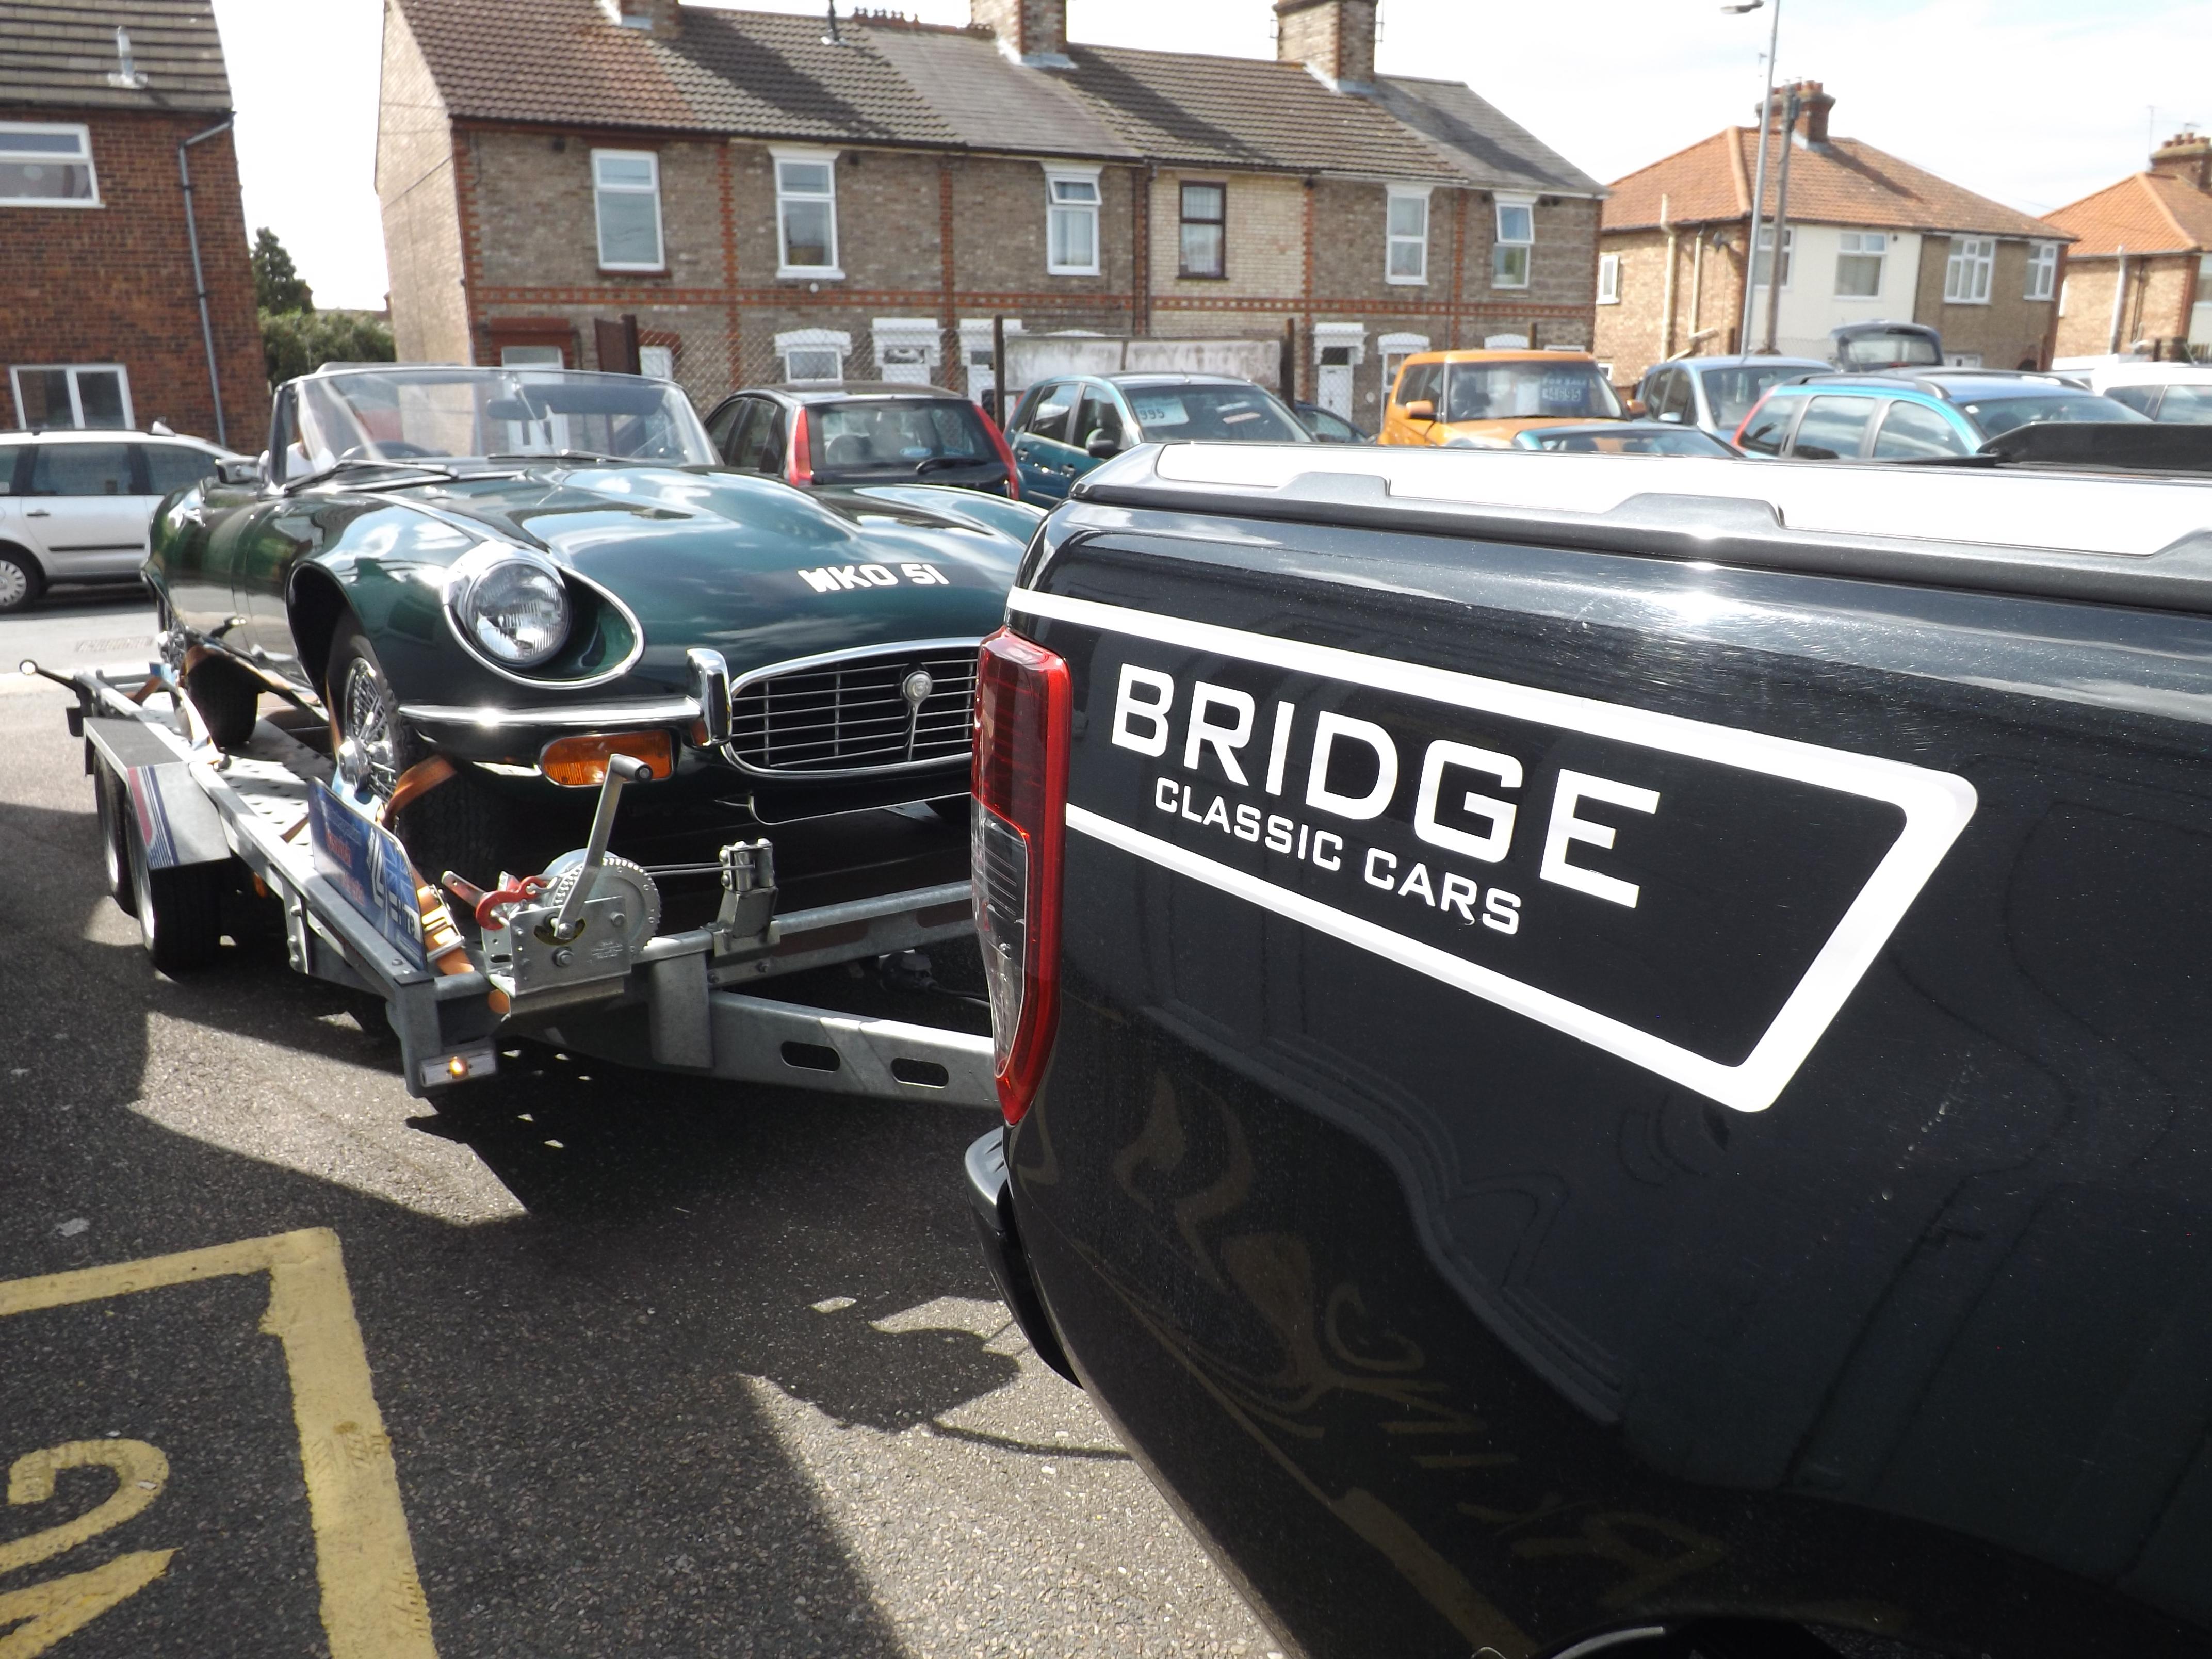 1972 Jaguar E-Type Roadster Series 3 Arriving at Bridge Classic Cars